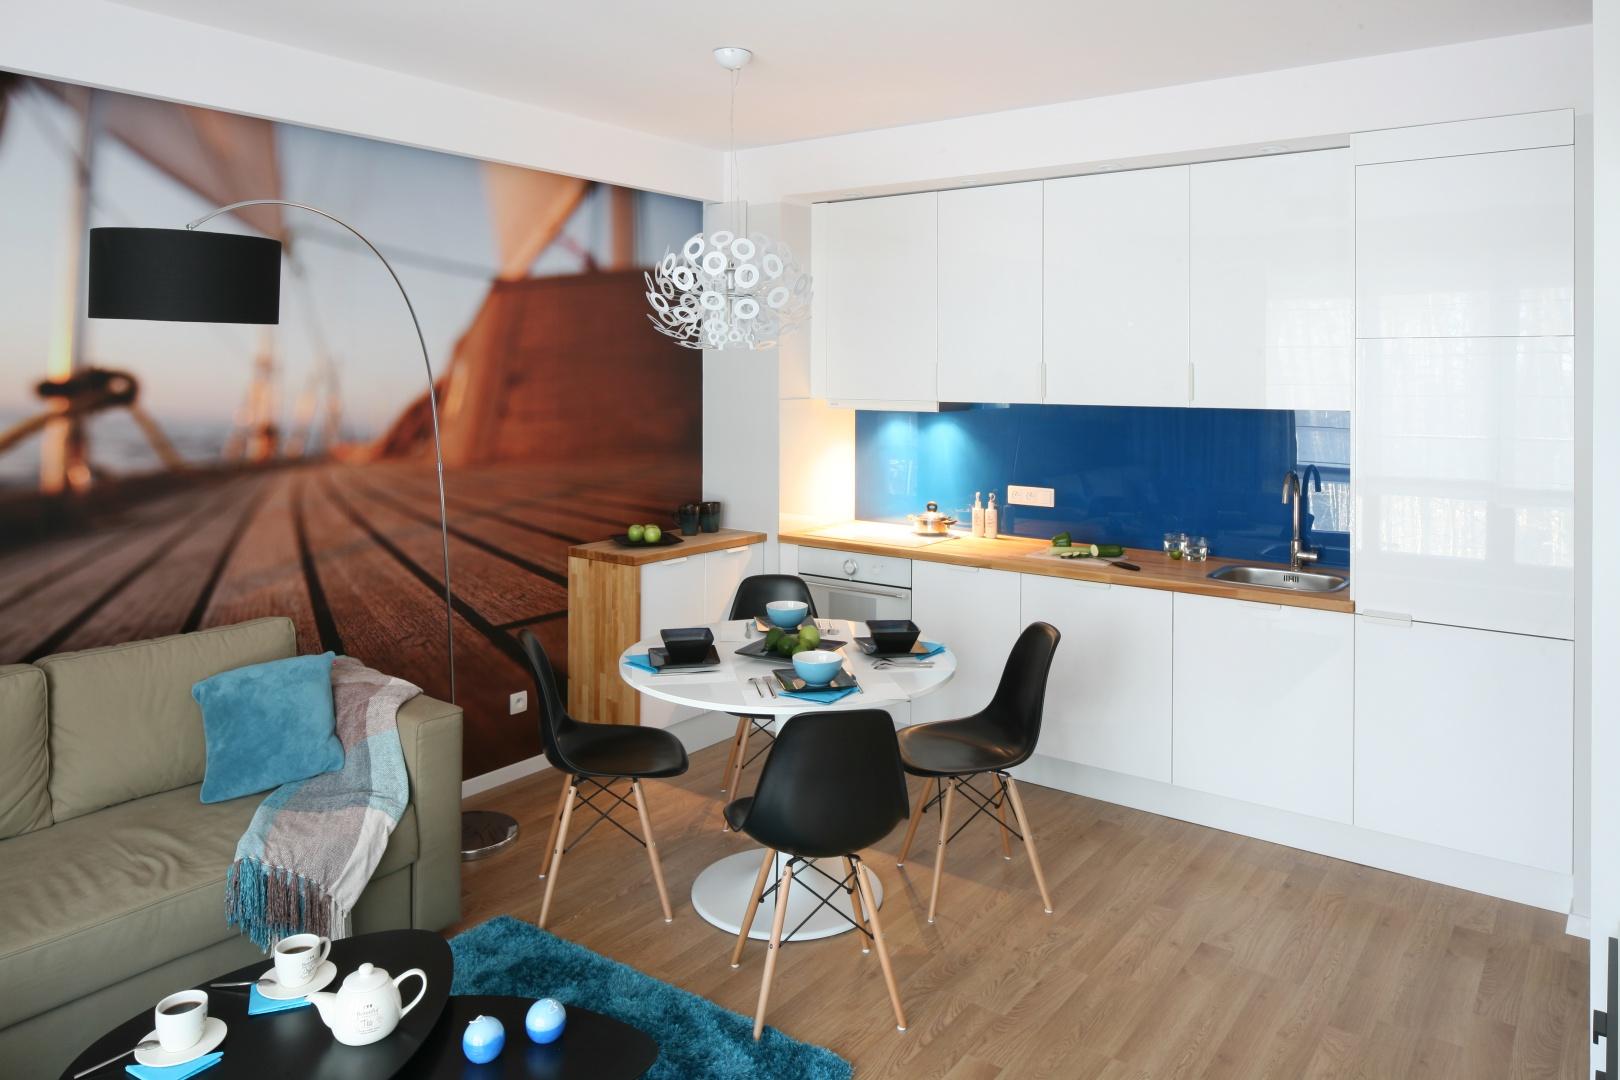 Aneks kuchenny z białą lakierowaną zabudową jest równie nowoczesny co salon; obie strefy łączy kolor niebieski. Projekt: Anna Maria Sokołowska. Fot. Bartosz Jarosz